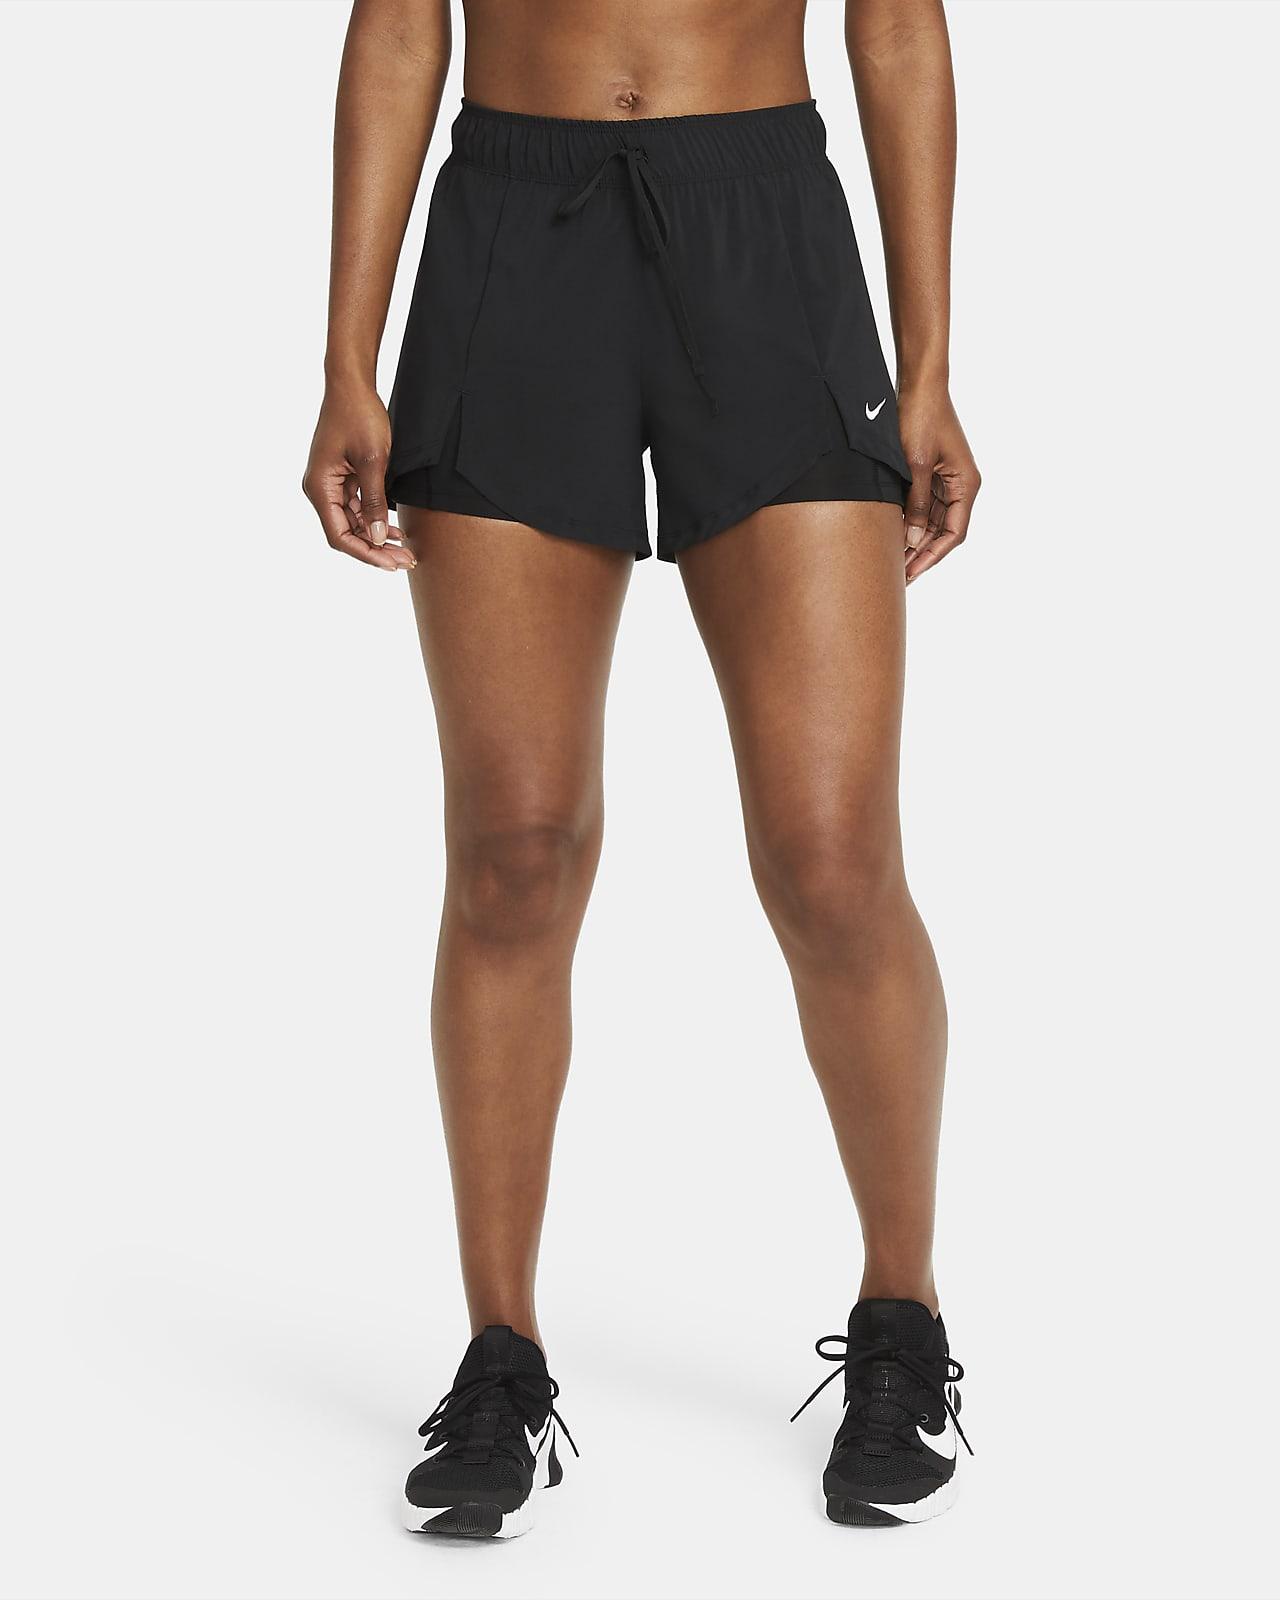 Γυναικείο σορτς προπόνησης Nike Flex Essential 2-in-1